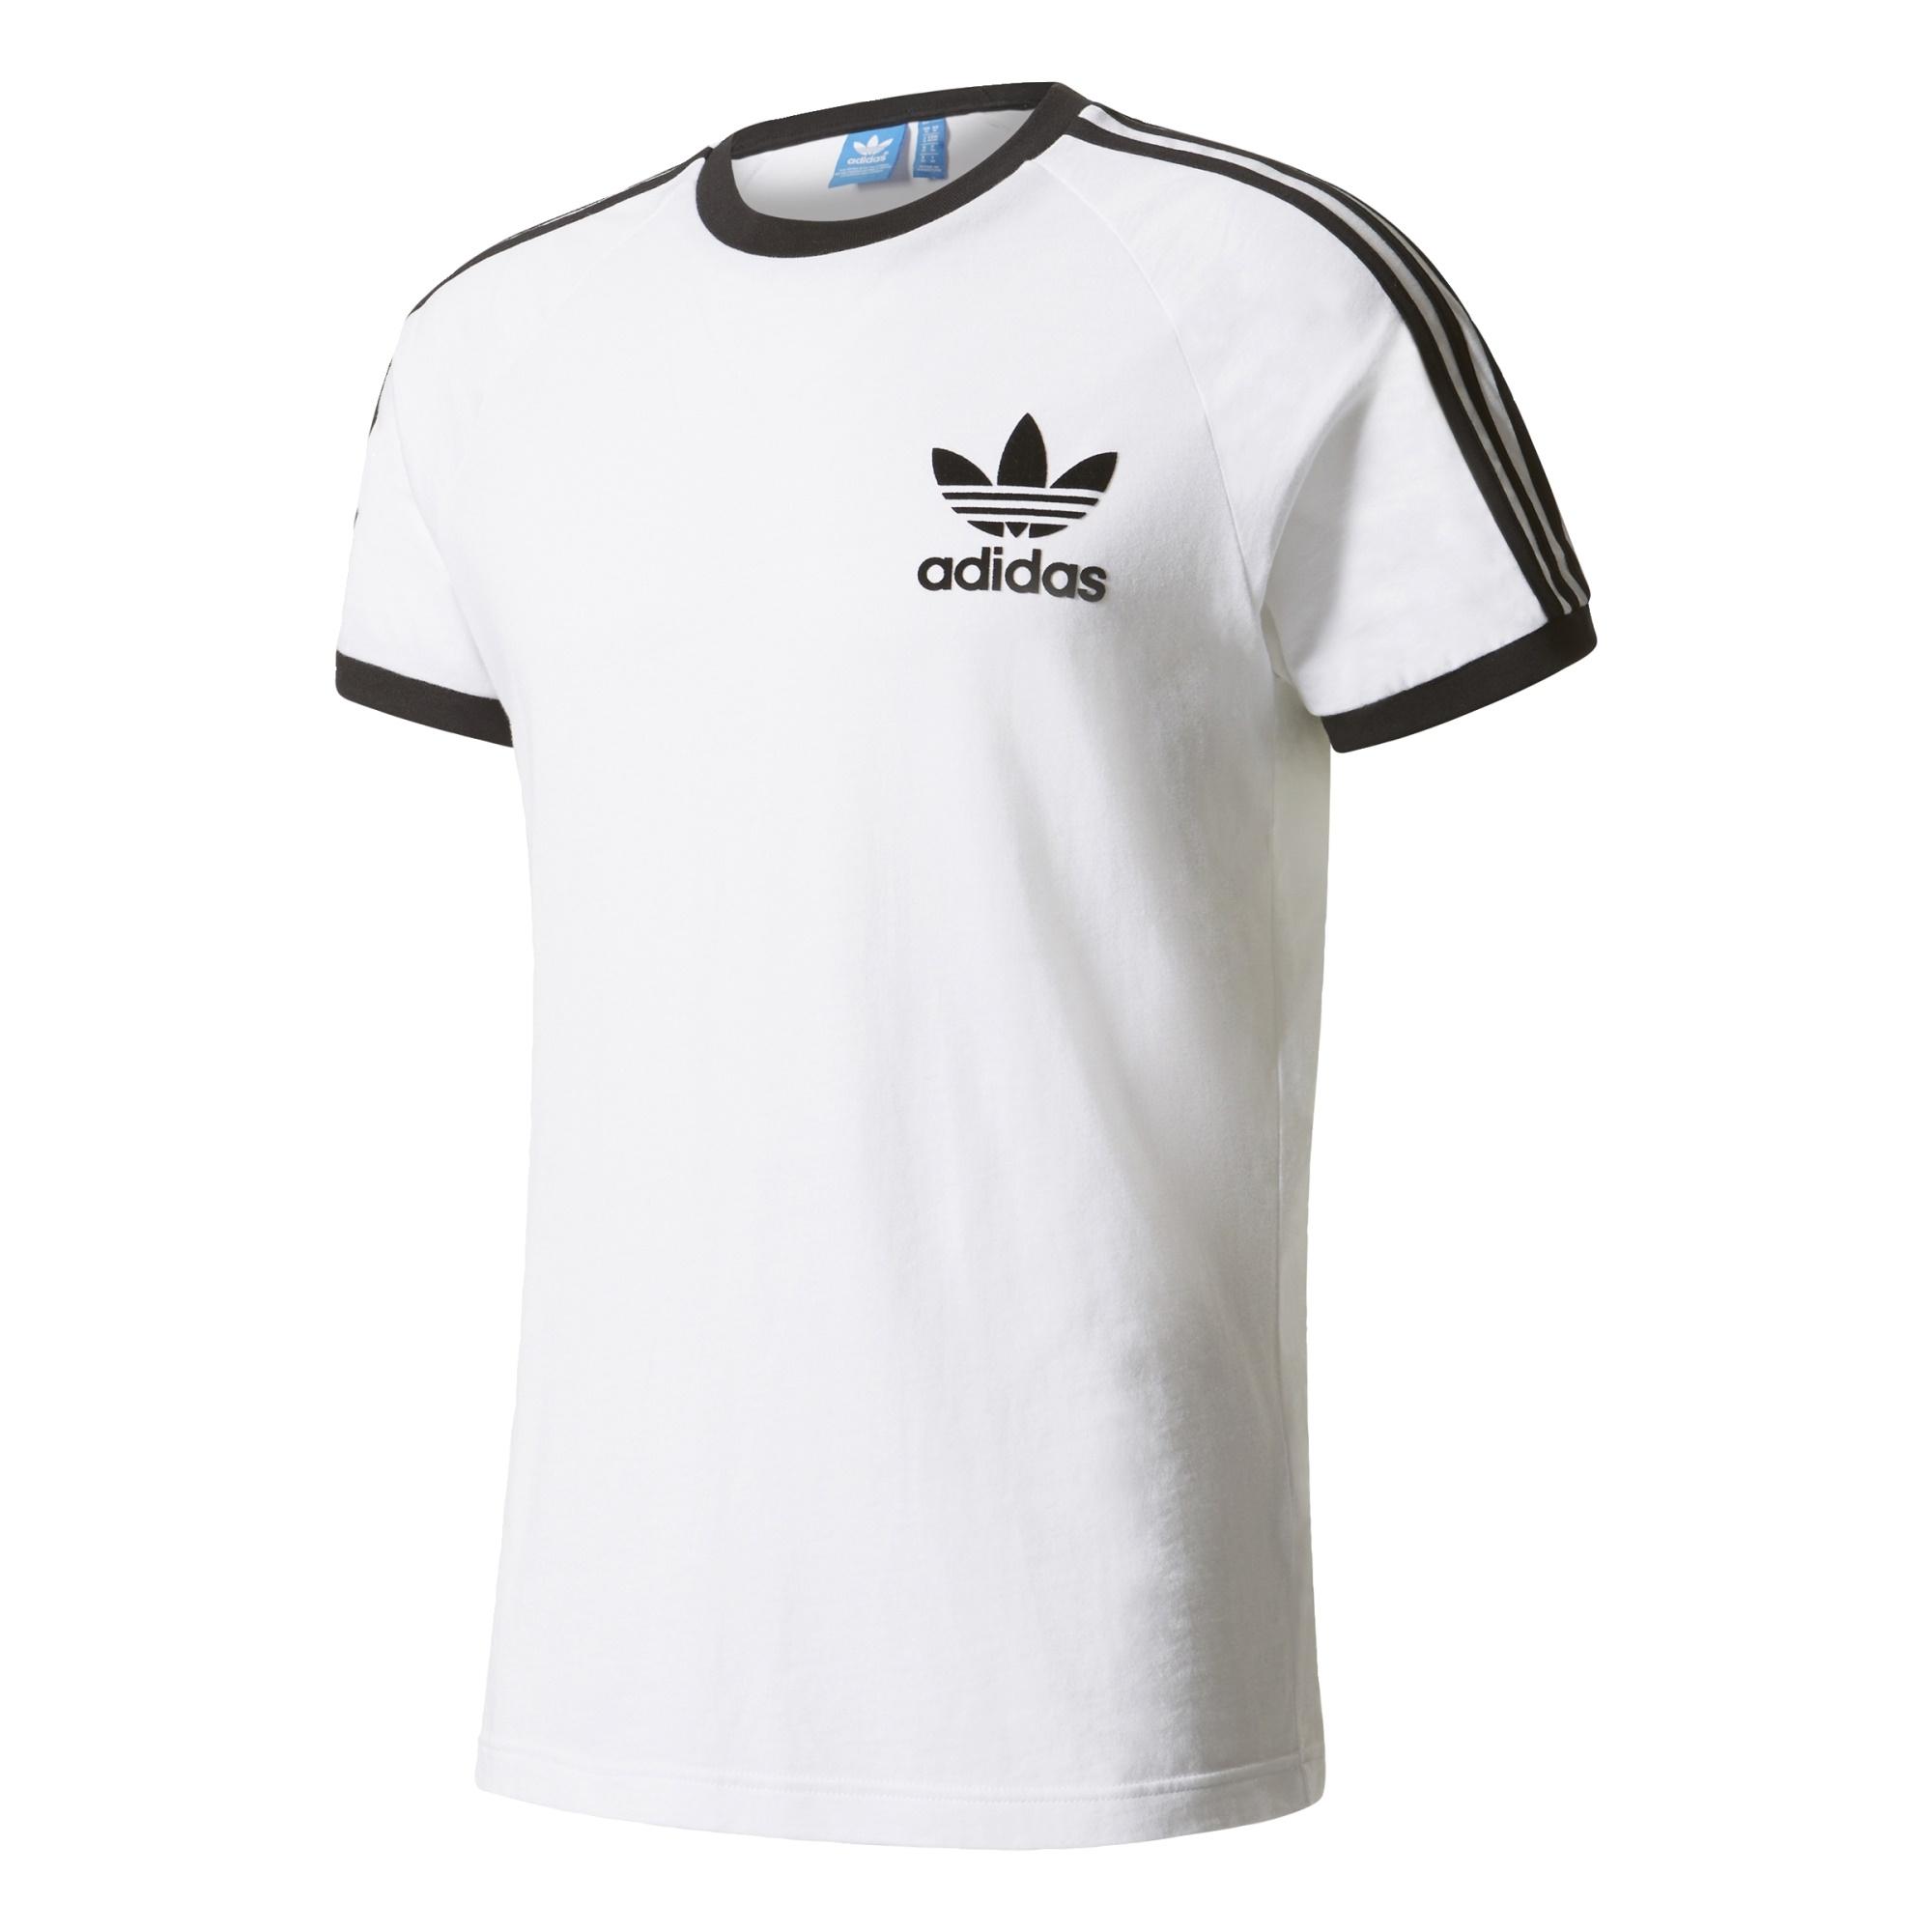 exilio pereza Atticus  camiseta adidas negra y blanca baratas online